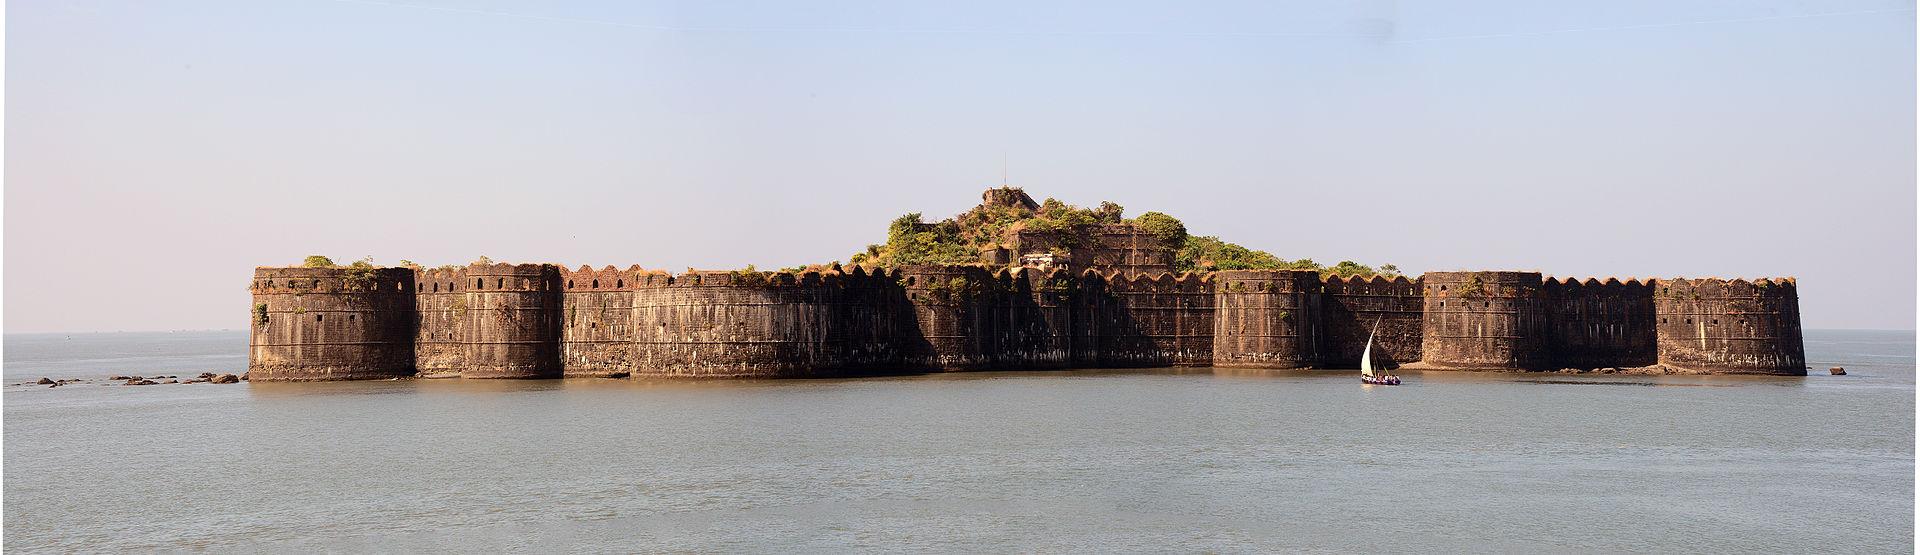 Murud Janjira Panoramic View.jpg